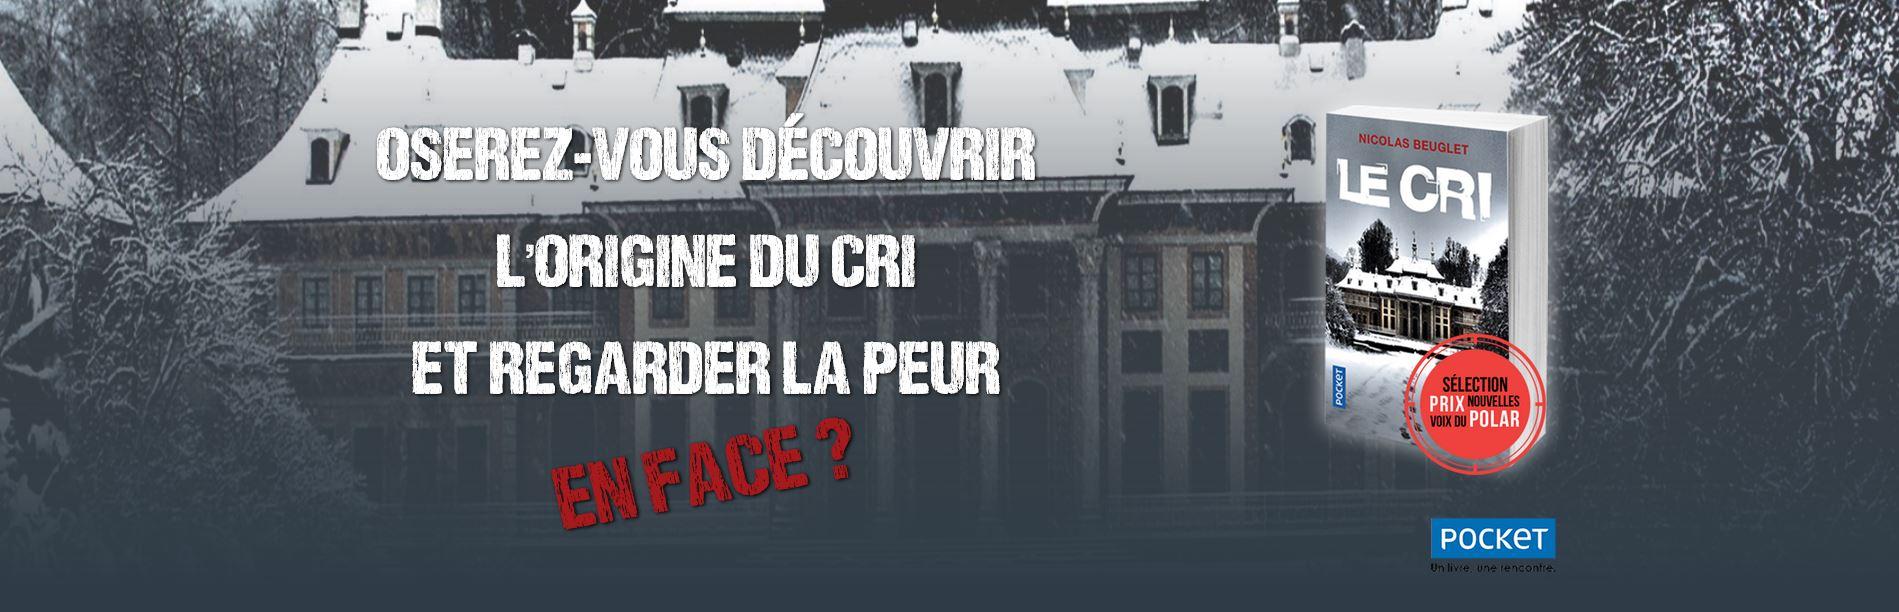 www.lecri-lelivre.fr